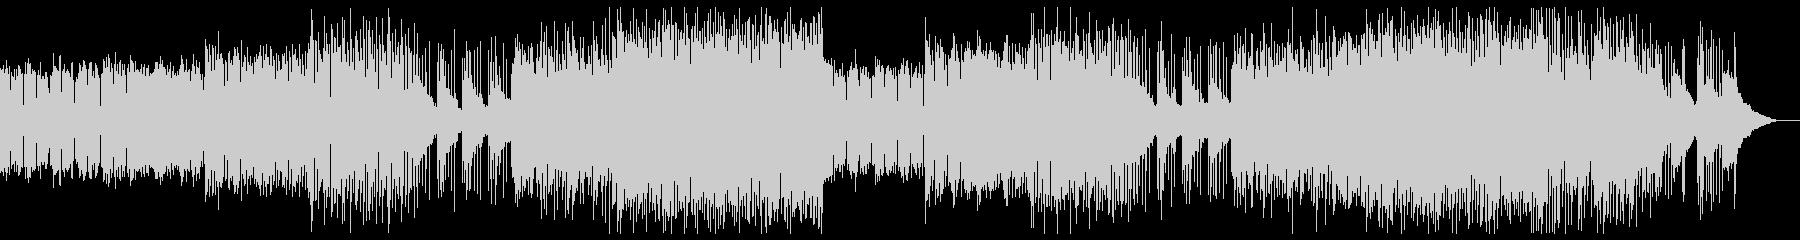 ダークシンセウェーブ レトロの未再生の波形